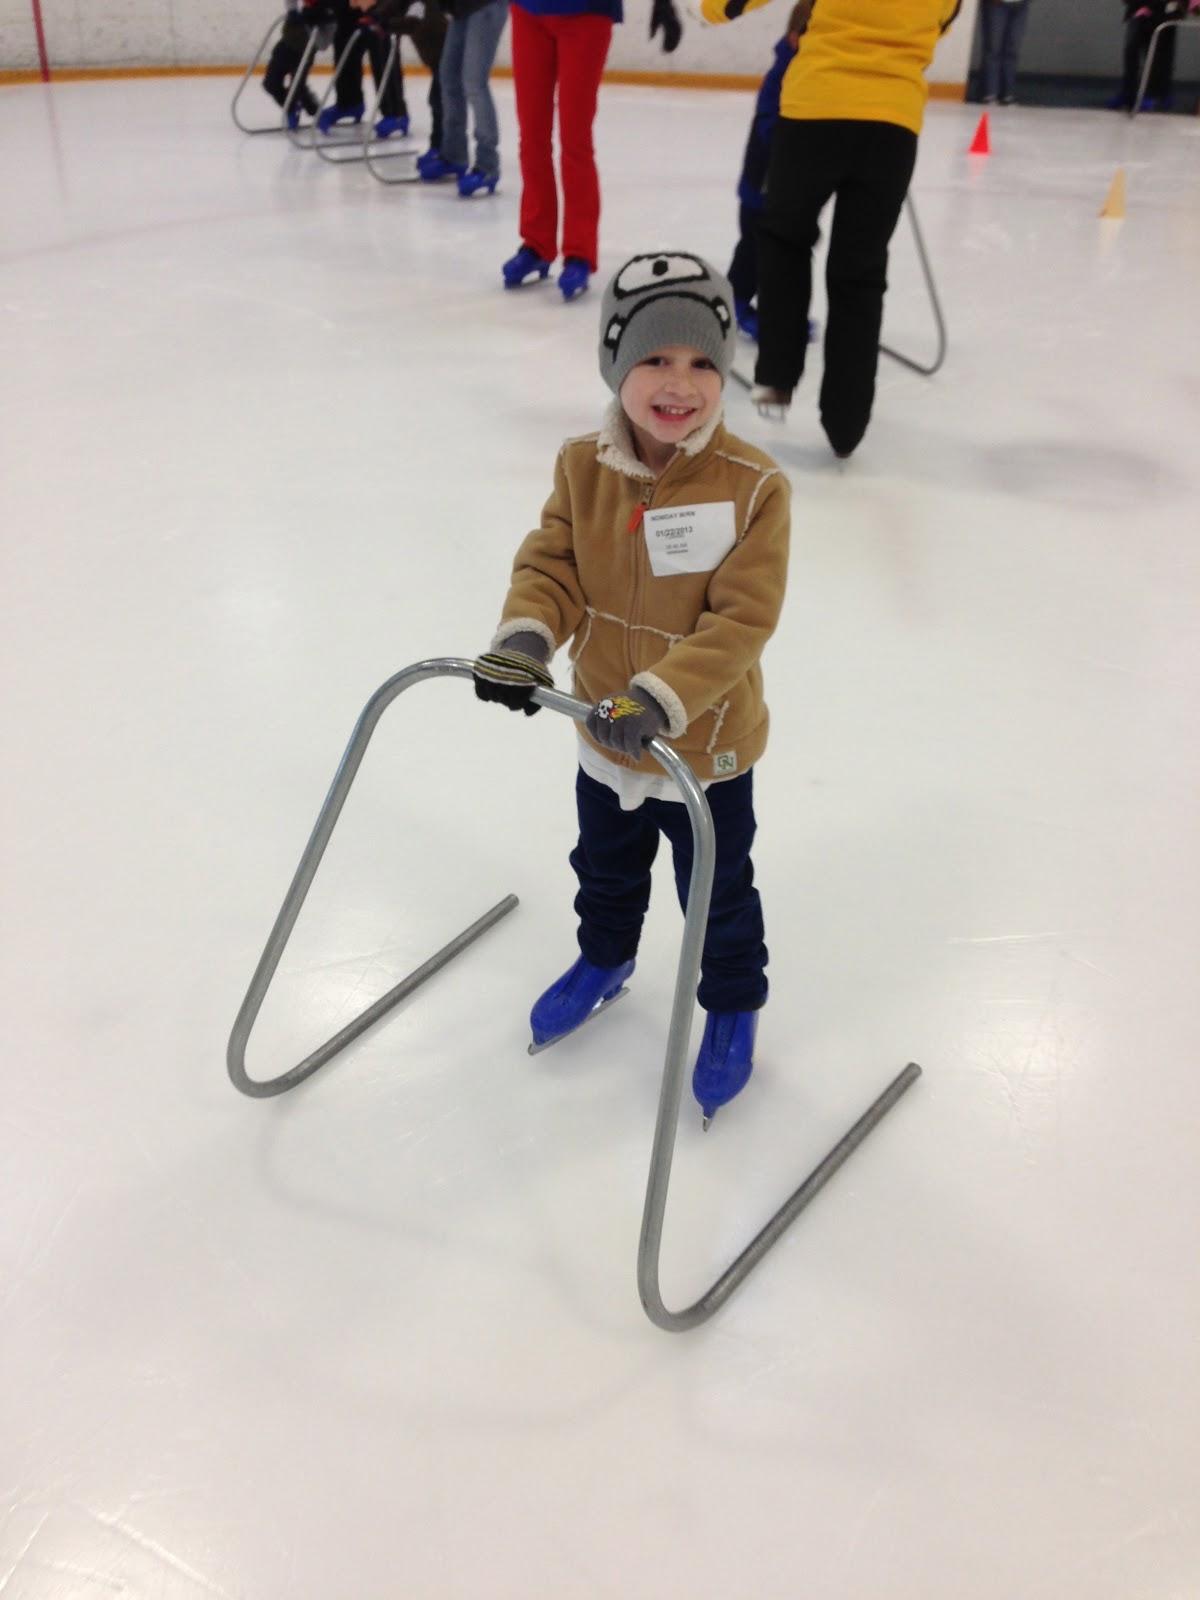 Jacob and Jackson: Master's Kids Ice Skating!